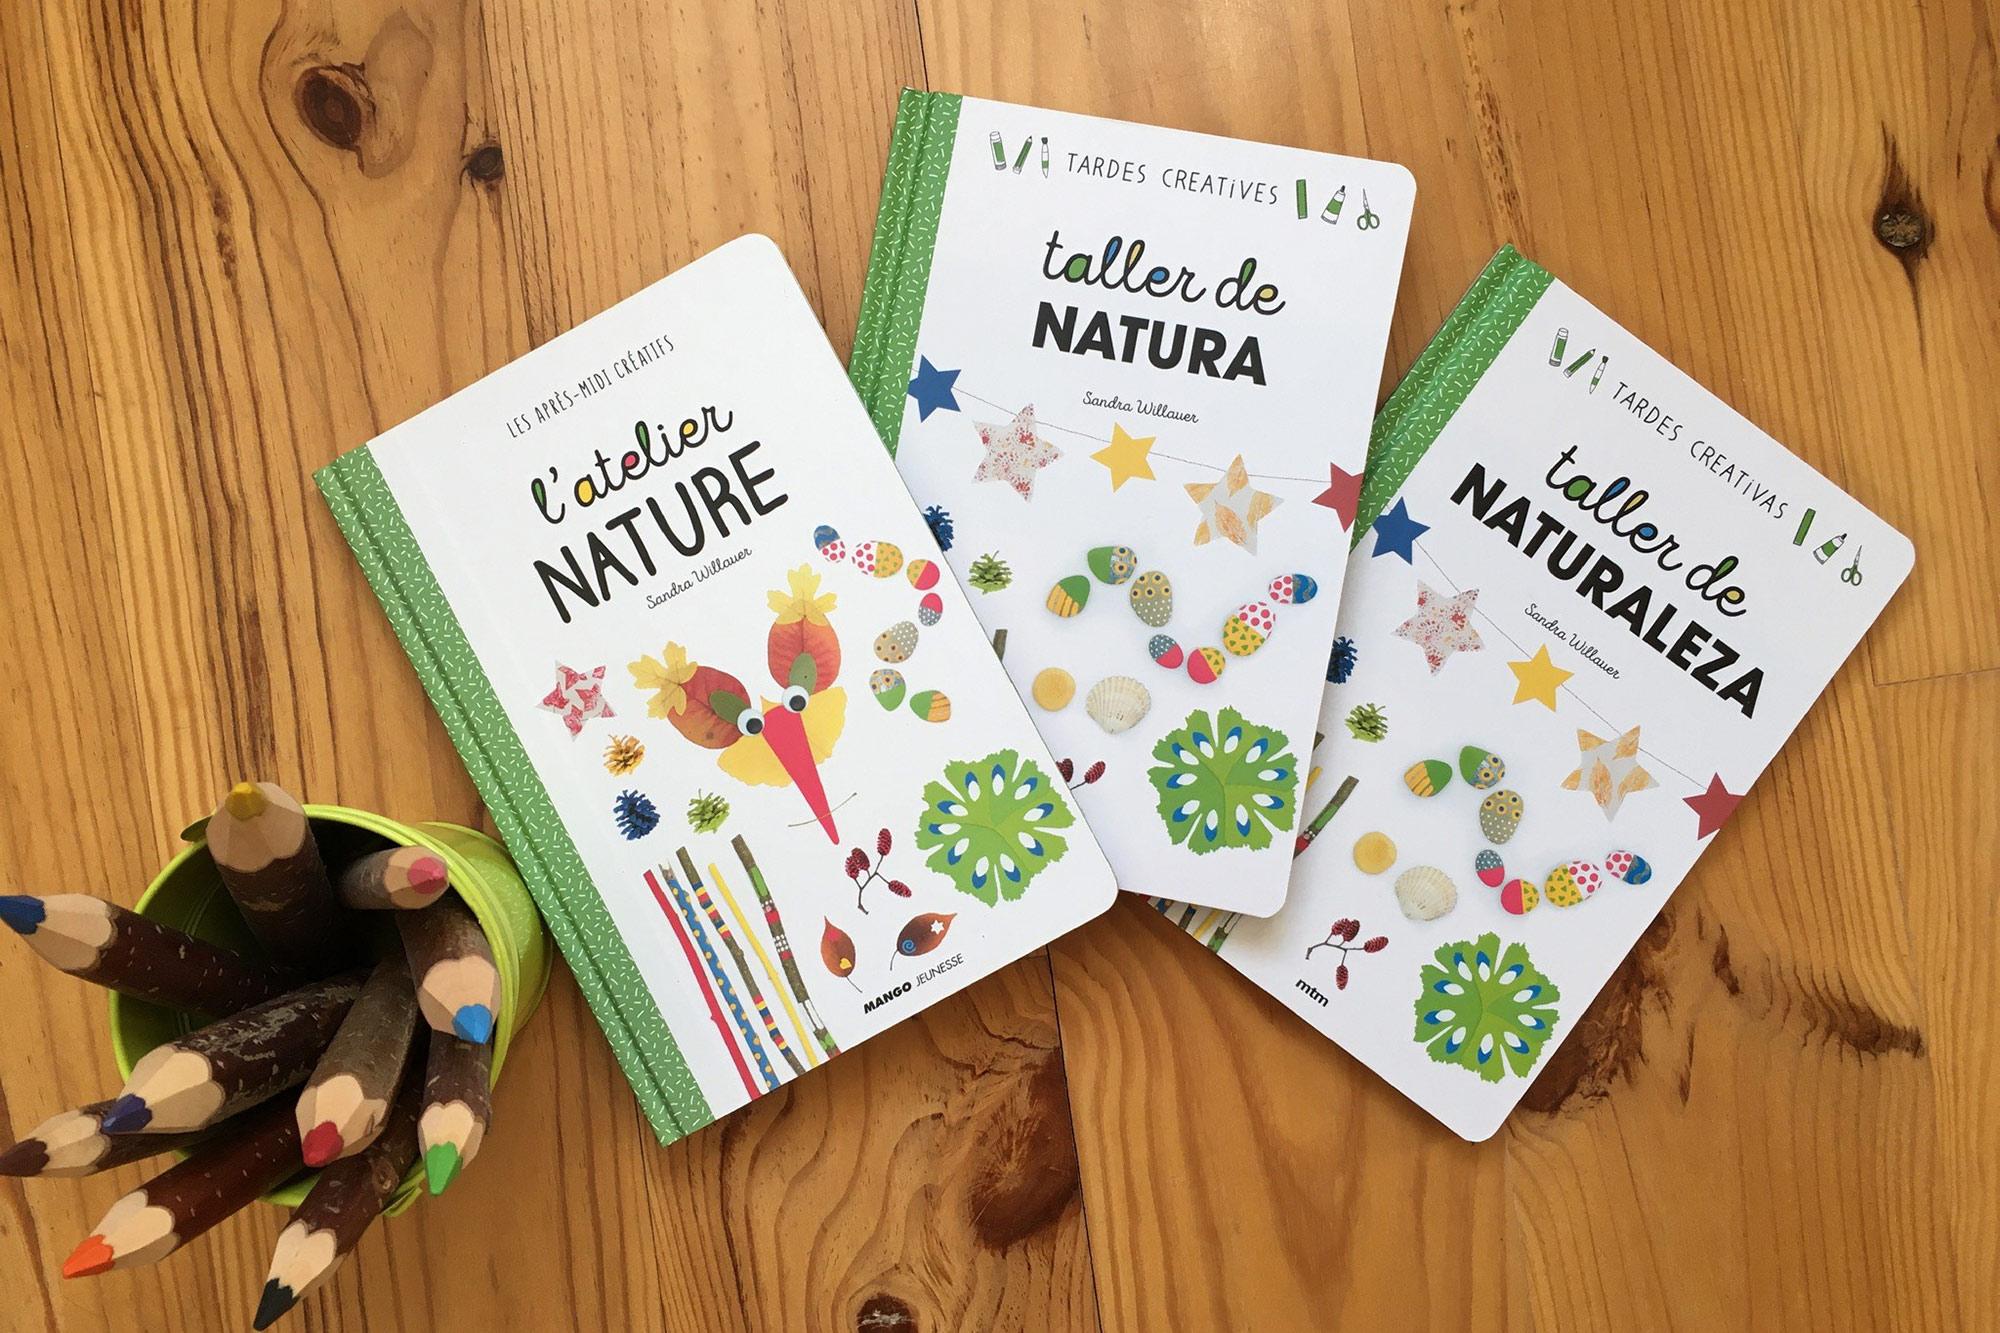 L'atelier nature dans ses éditions française, espagnole et catalane